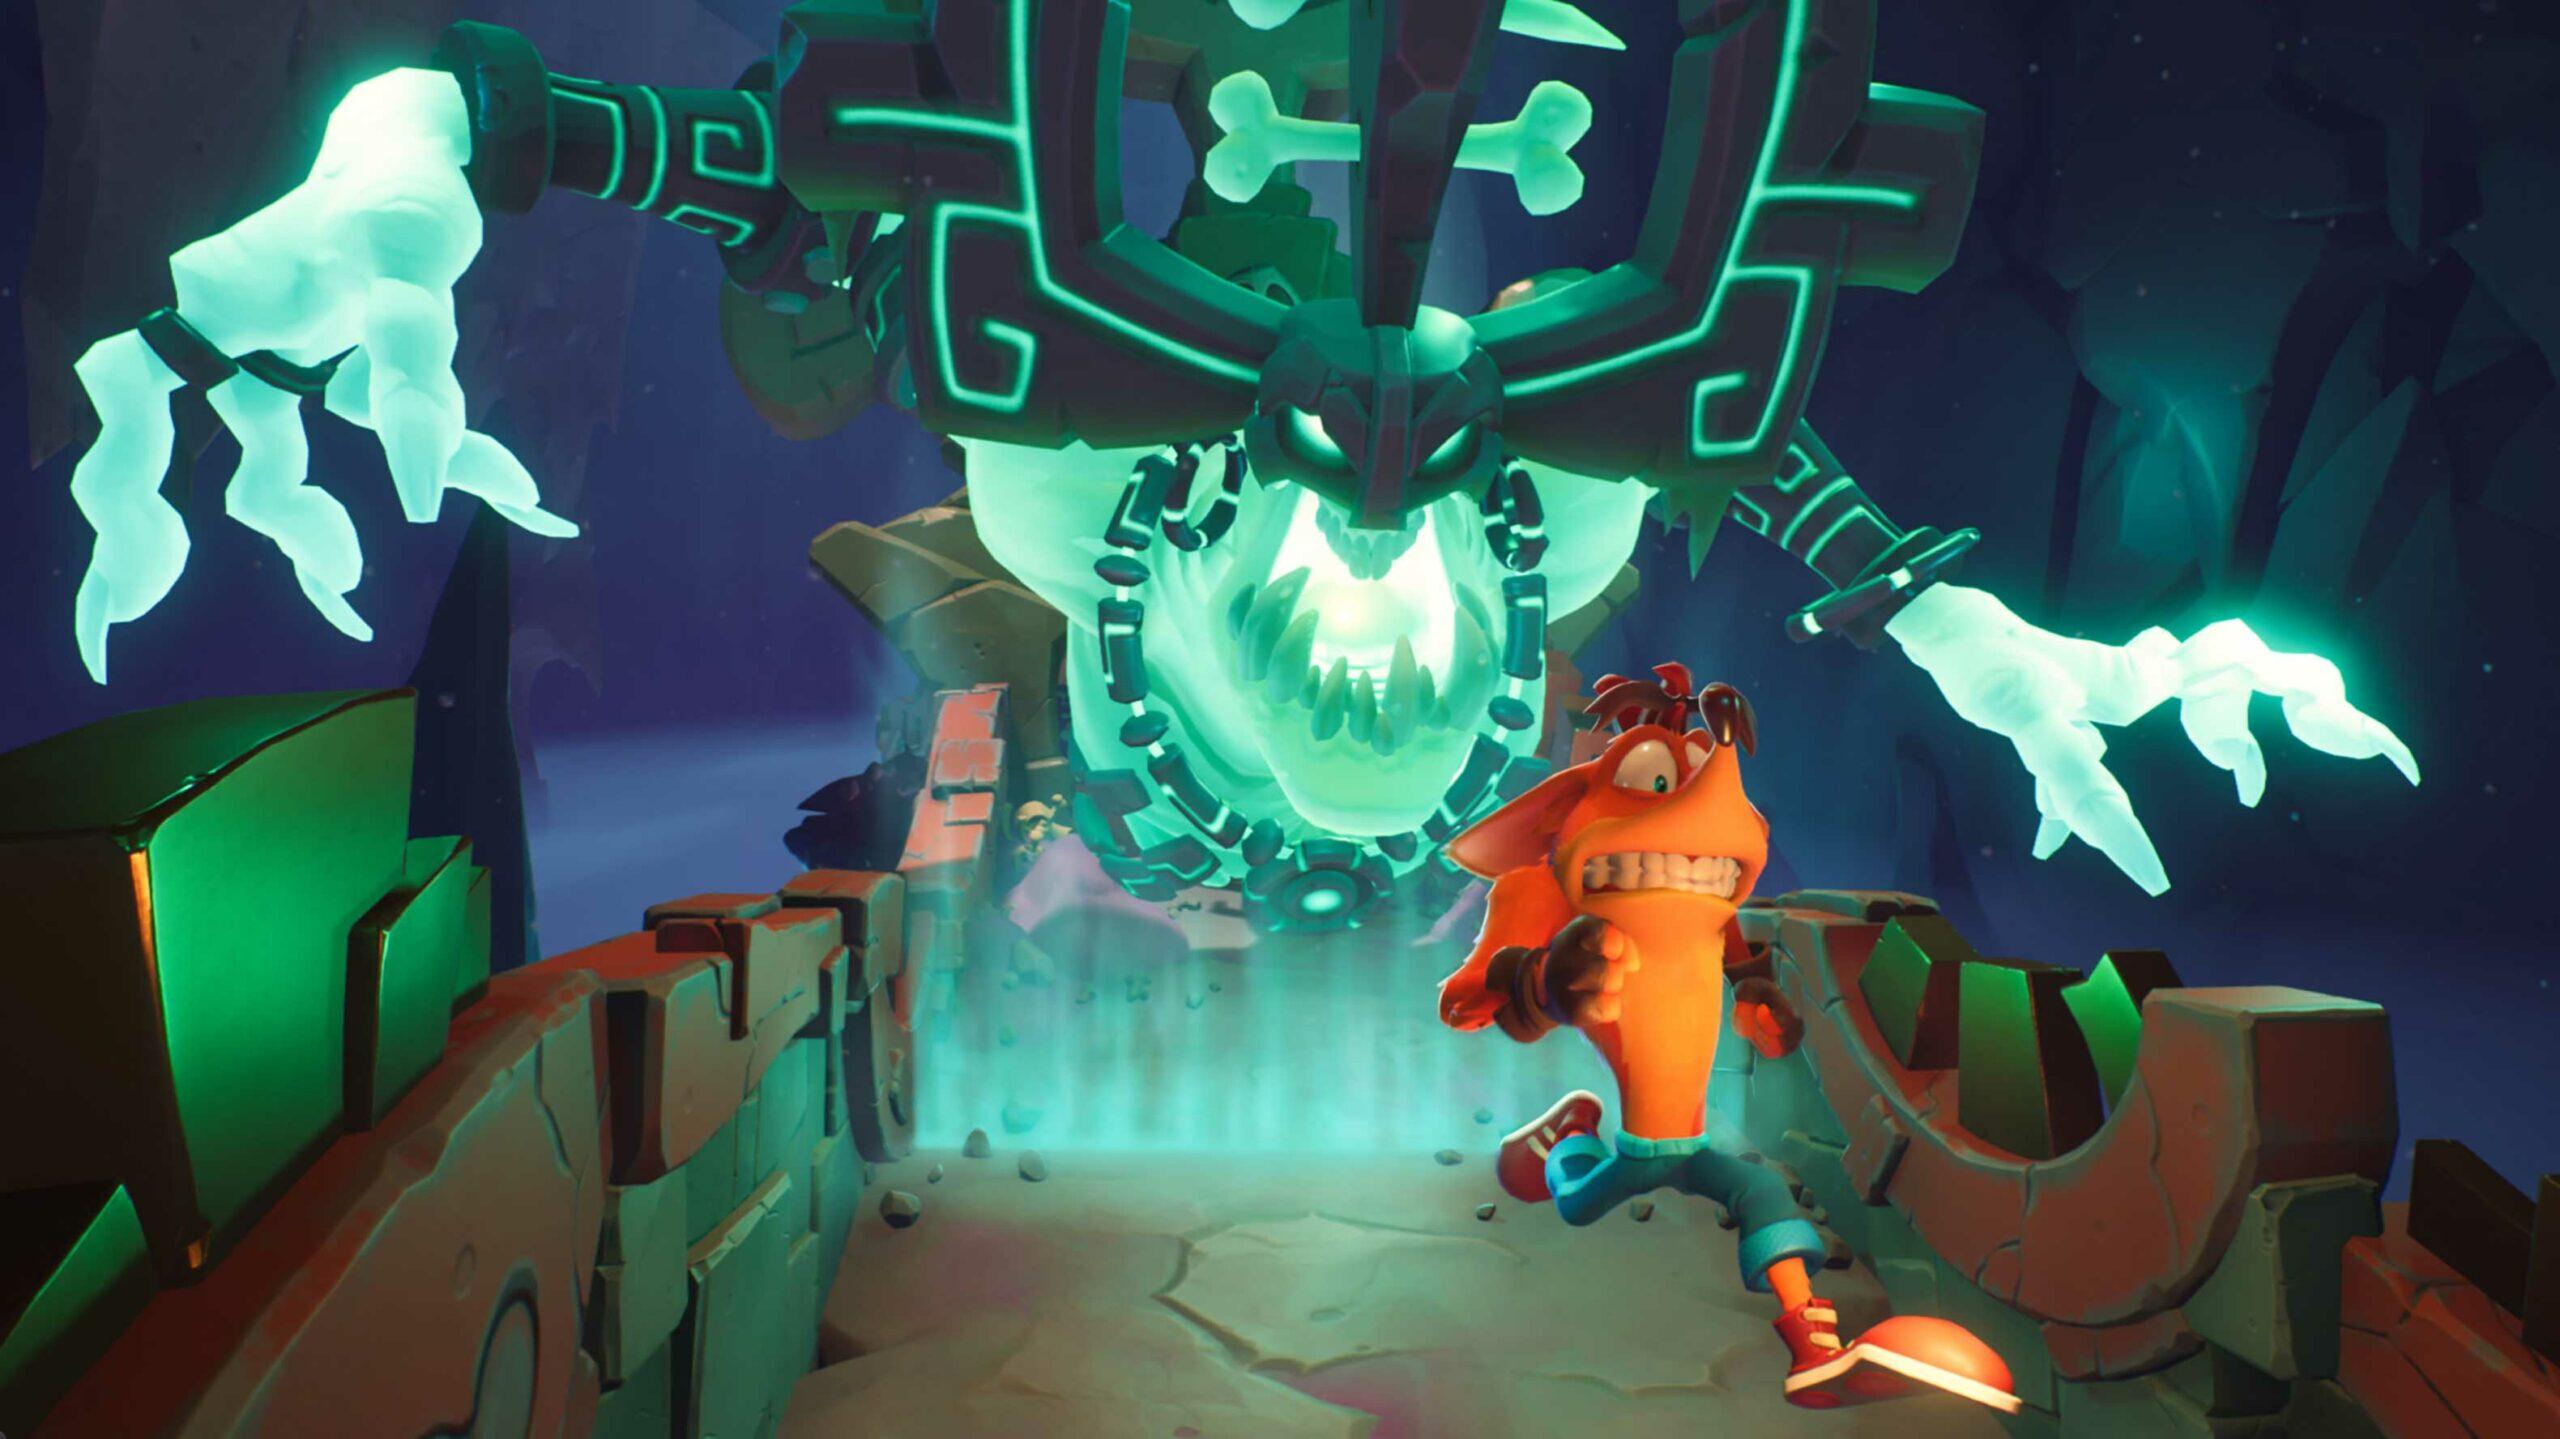 Crash Bandicoot 4 running